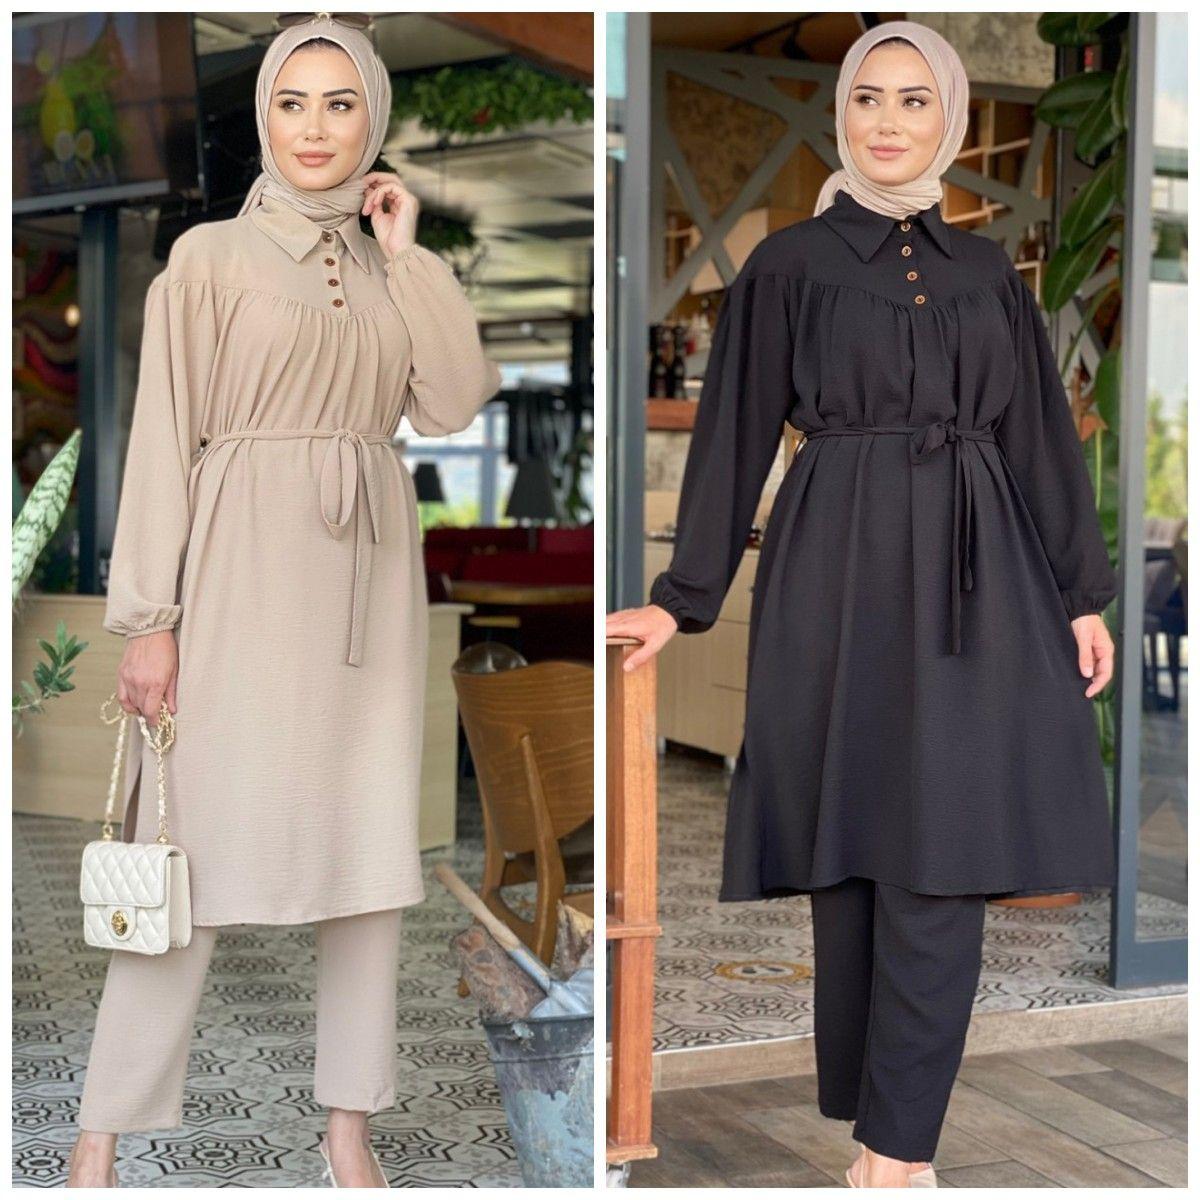 ملابس إسلامية مزدوجة موضة عباية قفطان قفطان إسلامي ملابس تورلي دبي 2021 موضة ملابس نسائية